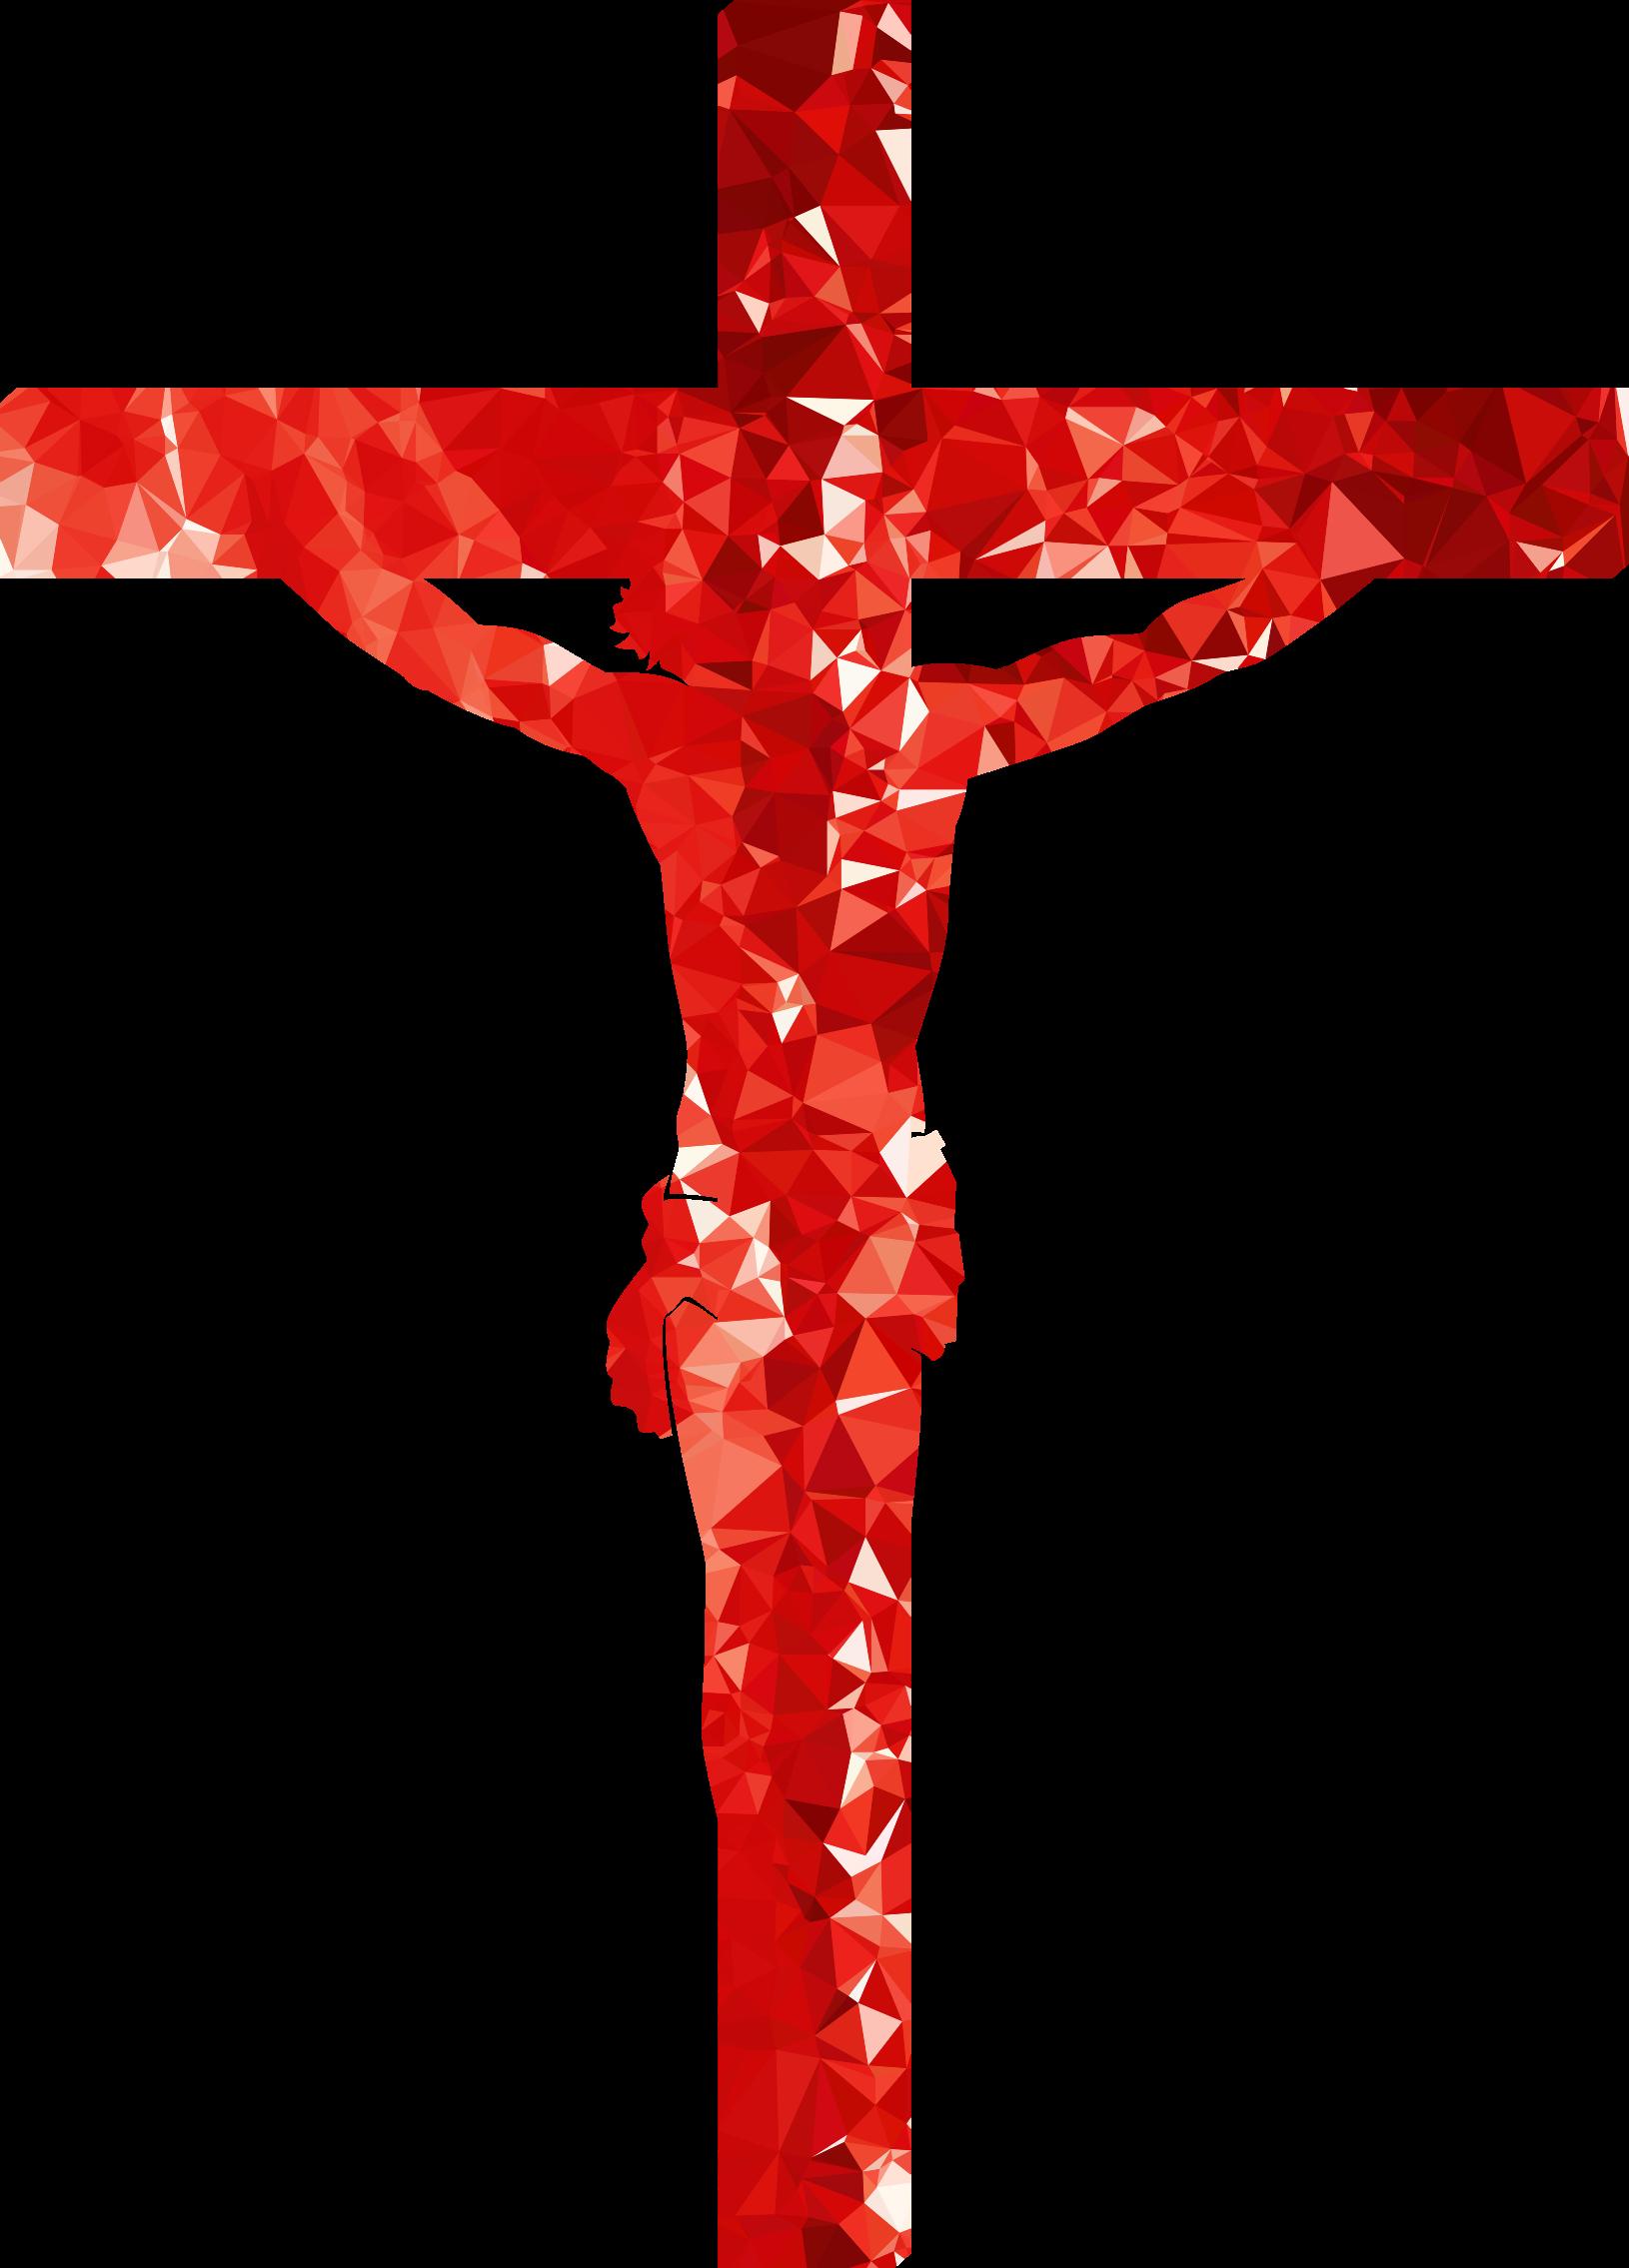 clipart ruby crucifix